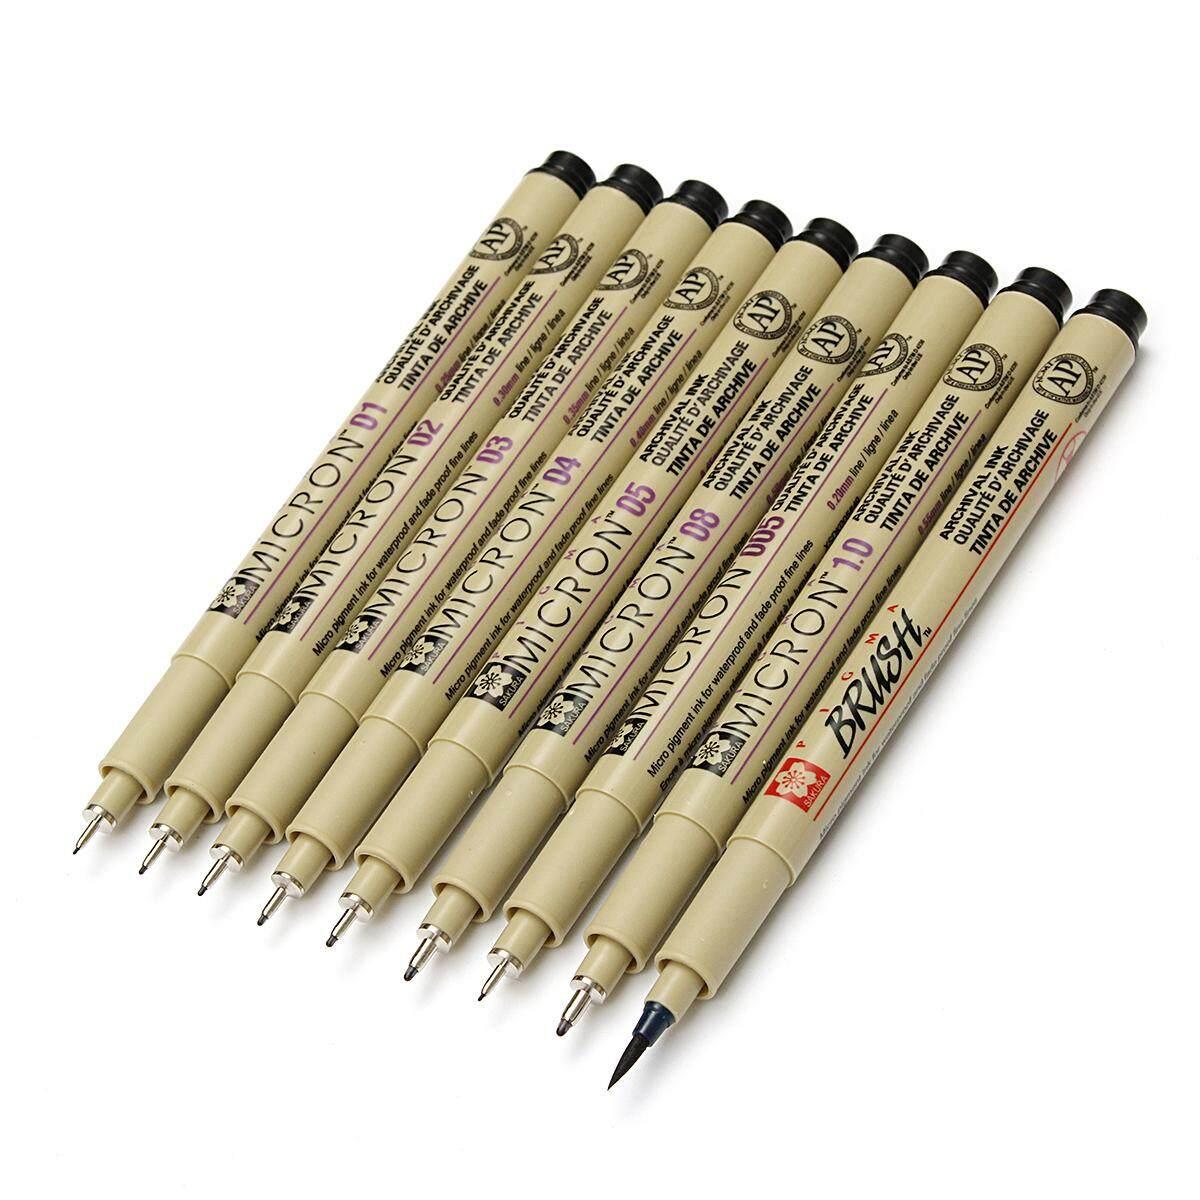 Mua Bộ 9 cái Blcak Micron Mịn Lót Vẽ Bút Mực & Bàn Chải Nghệ Thuật Tiếp Liệu-intl